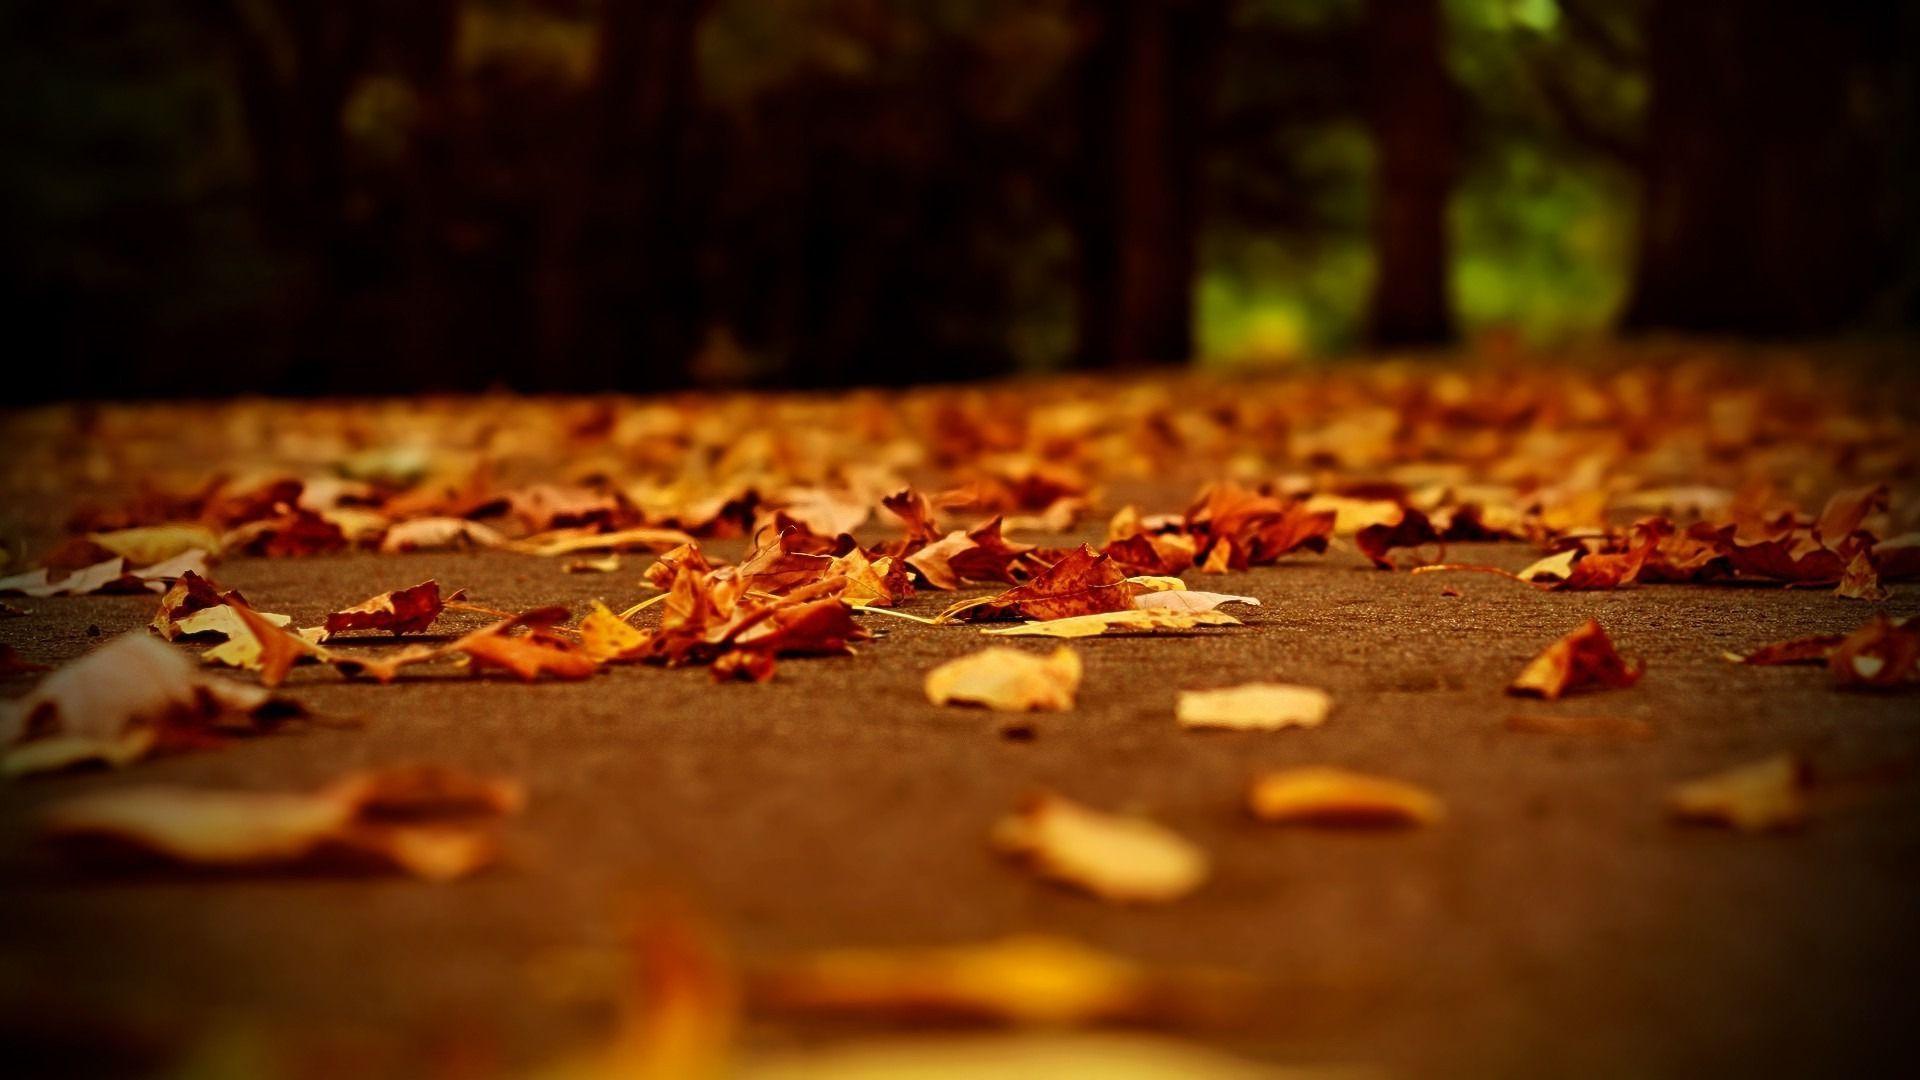 Fallen leaves wallpaper 14951 1920x1080